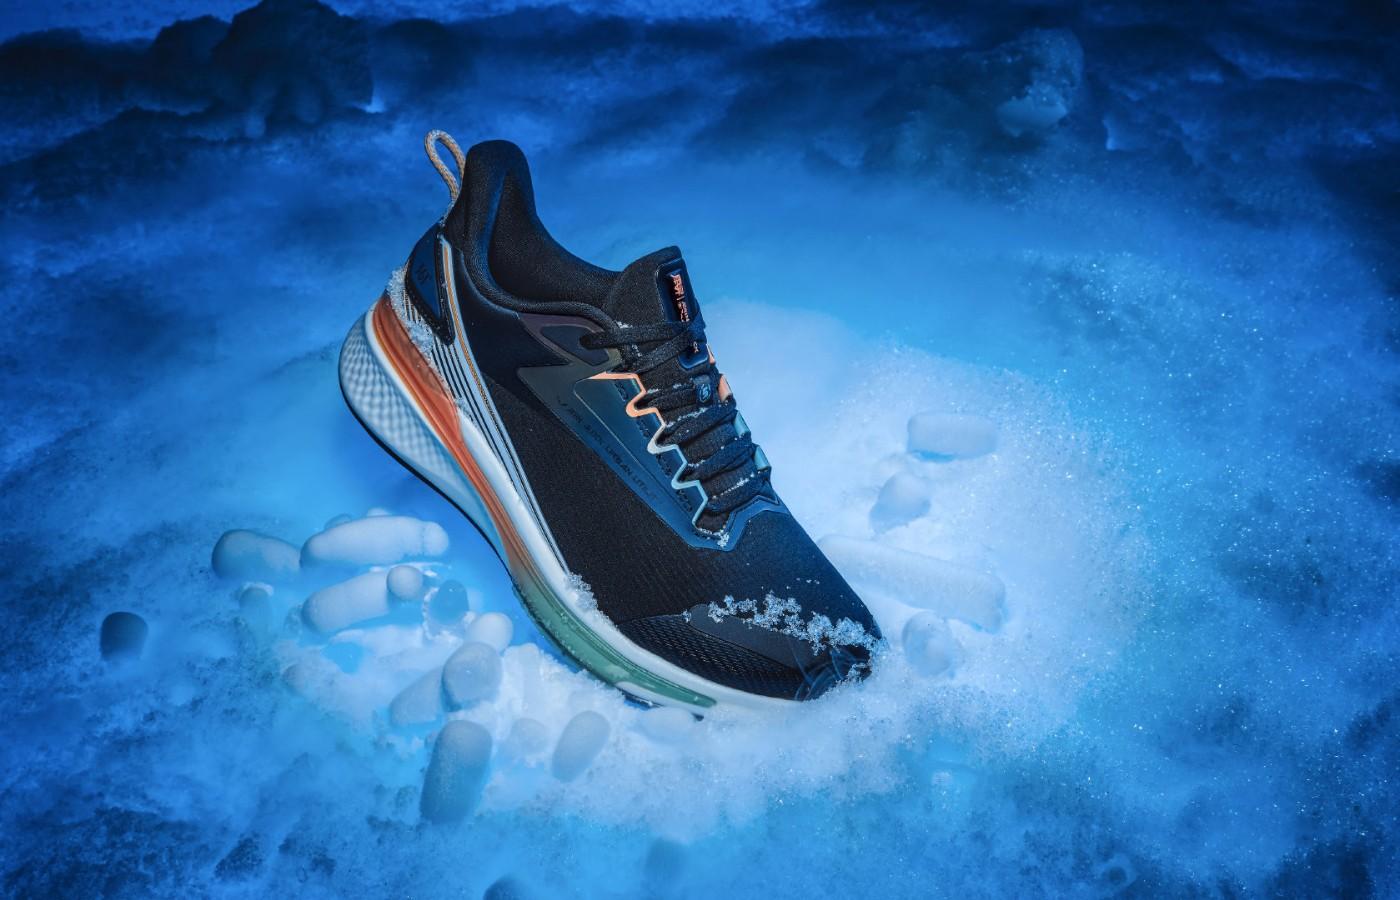 361°,雨屏 5.0,发售  下雨下雪都能穿!雨屏 5.0 跑鞋正式发售!性能再升级!